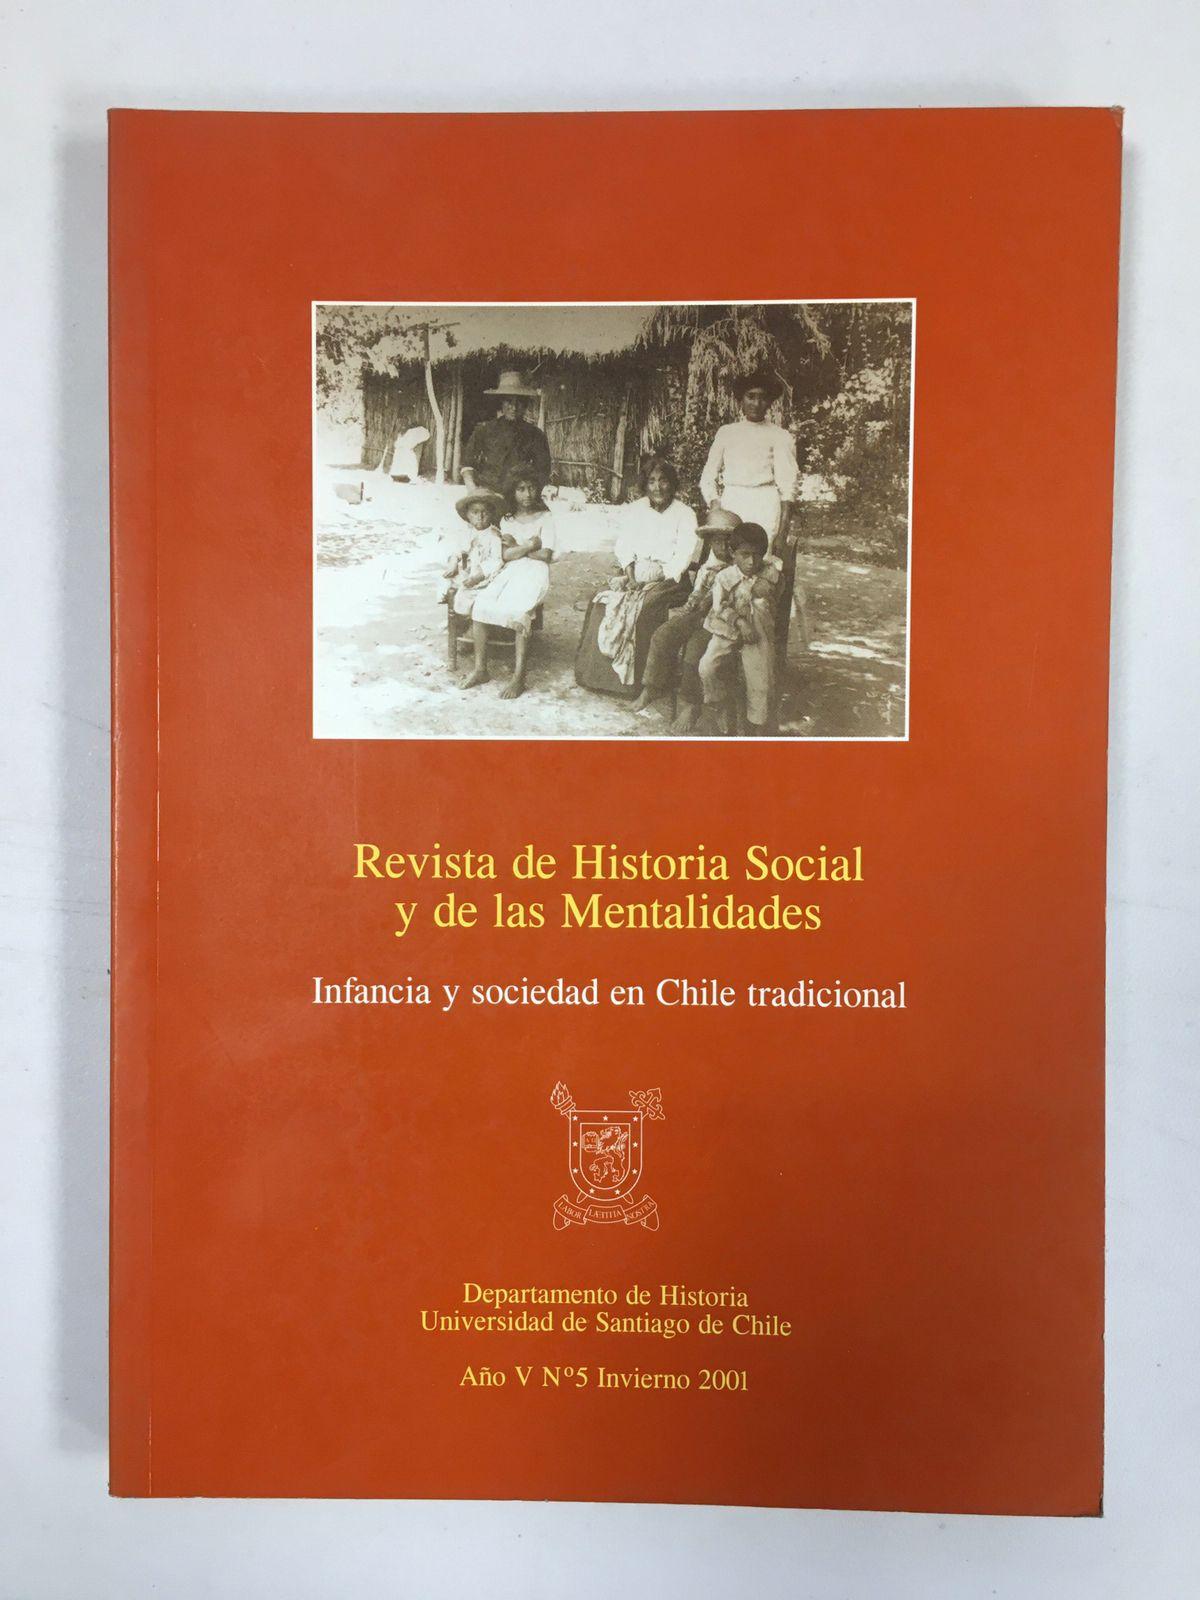 Revista de Historia Social y de las Mentalidades. Año V nº5 invierno 2001